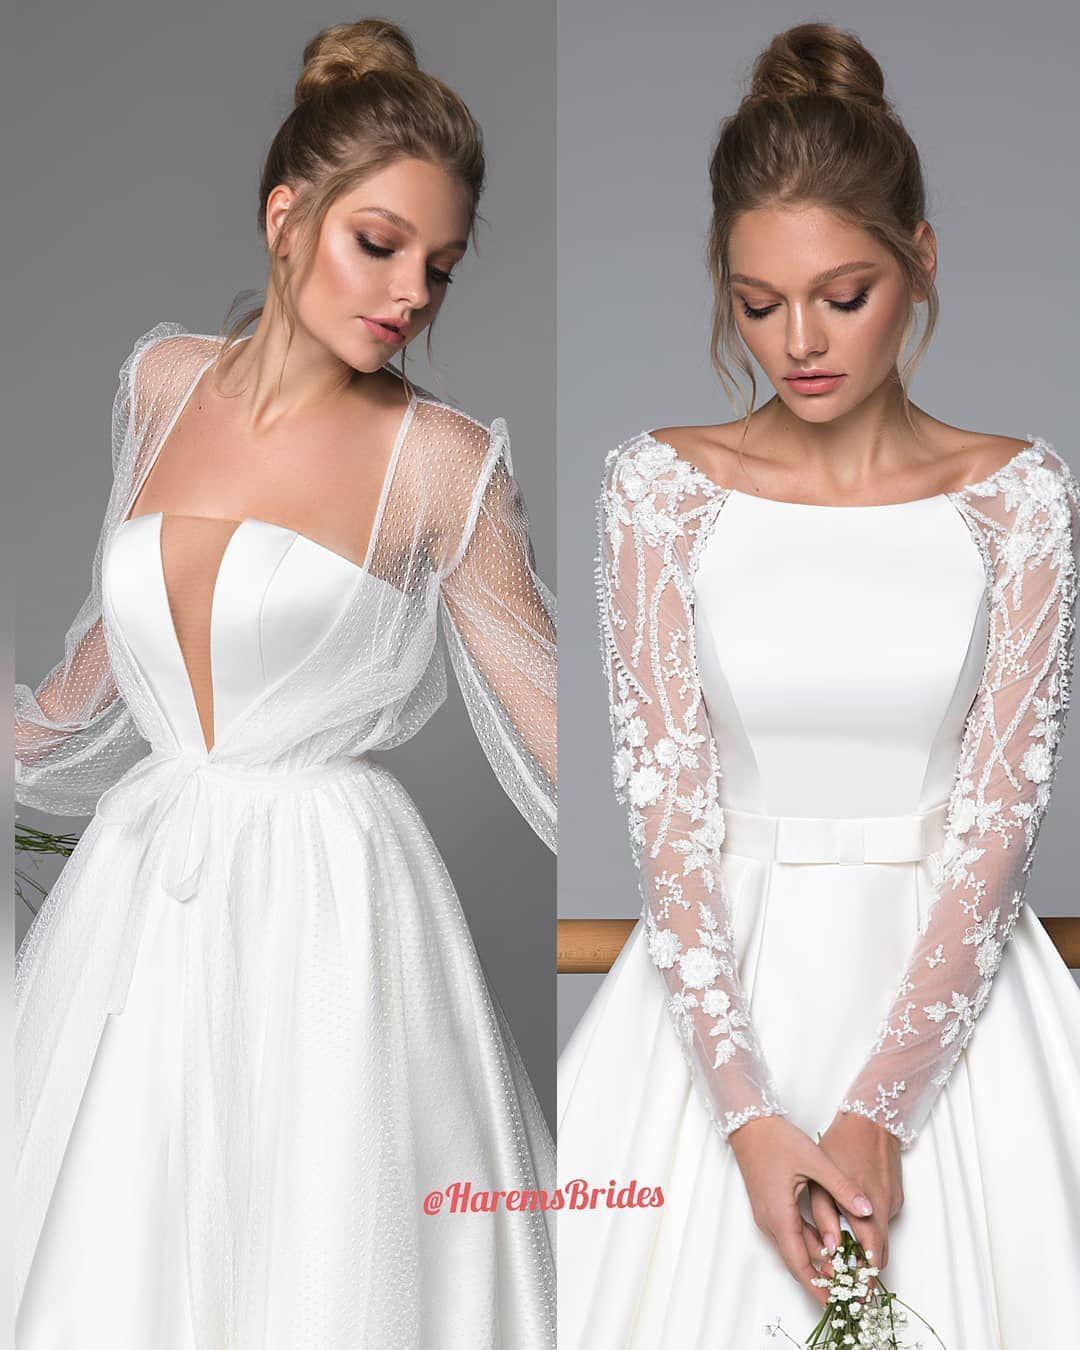 Kleid Modelle und Hochzeitskleid Modelle und Ideen Links oder